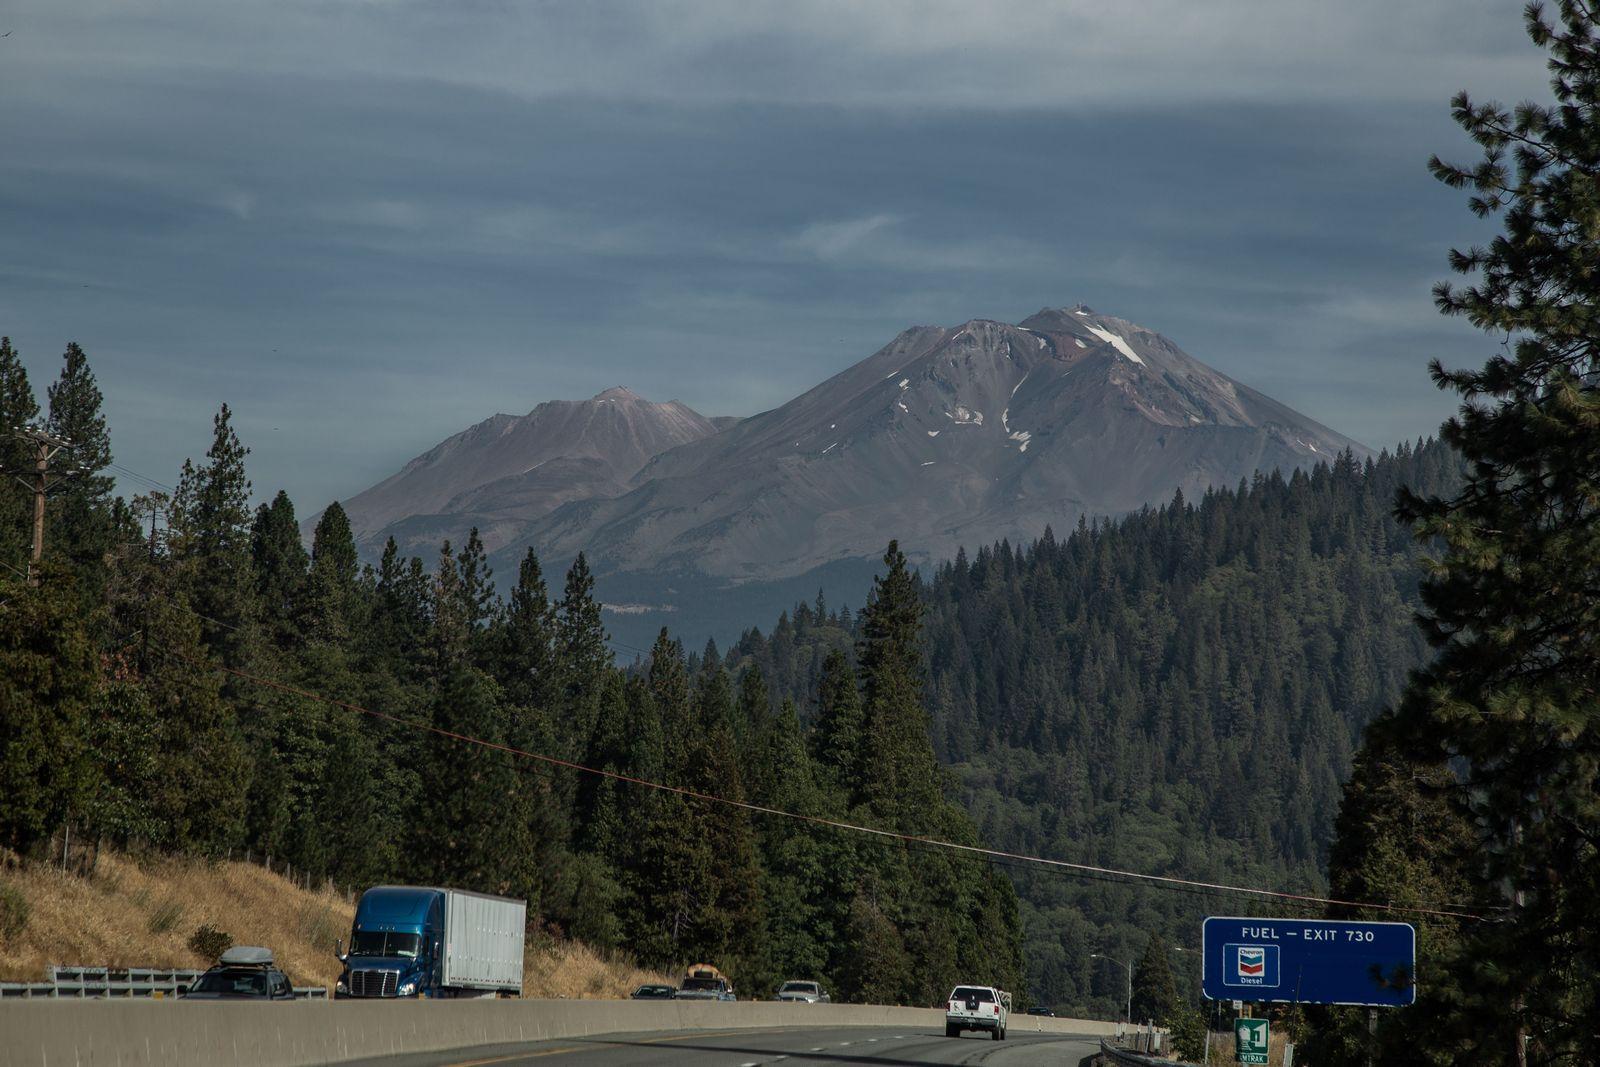 Nos acercamos a Mount Shasta